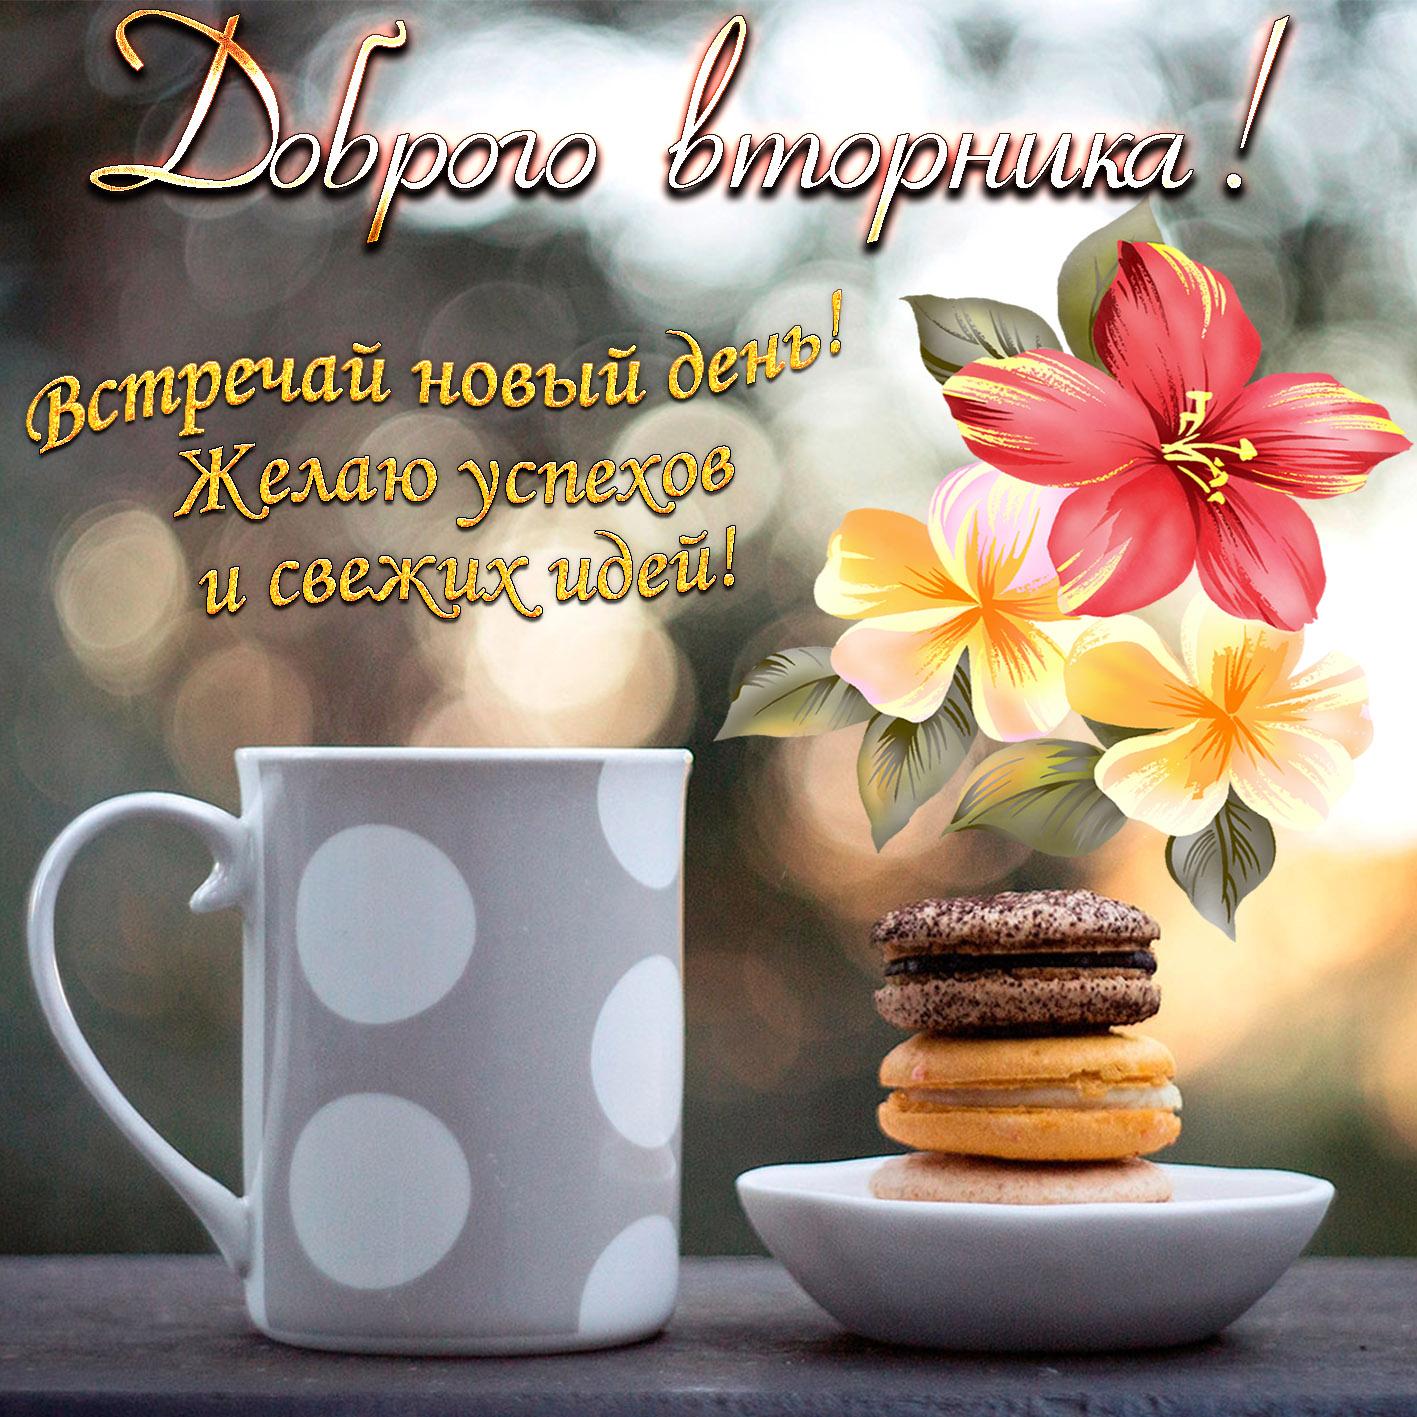 Картинка, открытки позитивные на каждый день с добрым утром